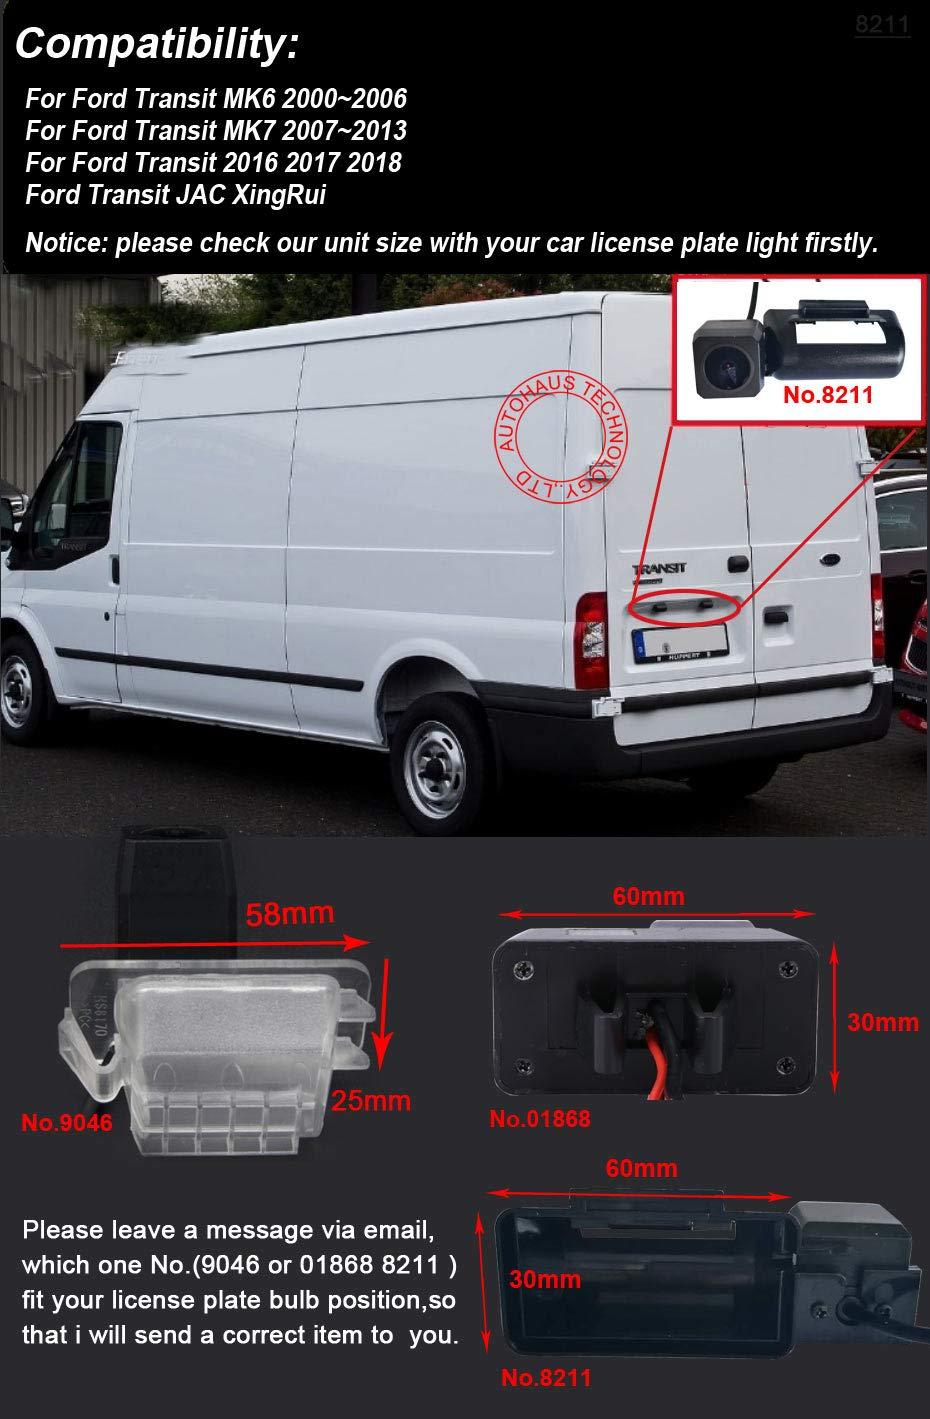 Dynavsal HD CCD Cam/éra de Recul Voiture en Couleur Kit Cam/éra Vue arri/ère de Voiture Imperm/éable IP67 avec Large Vision Nocturne pour Ford Transit MK6 MK7 JAC